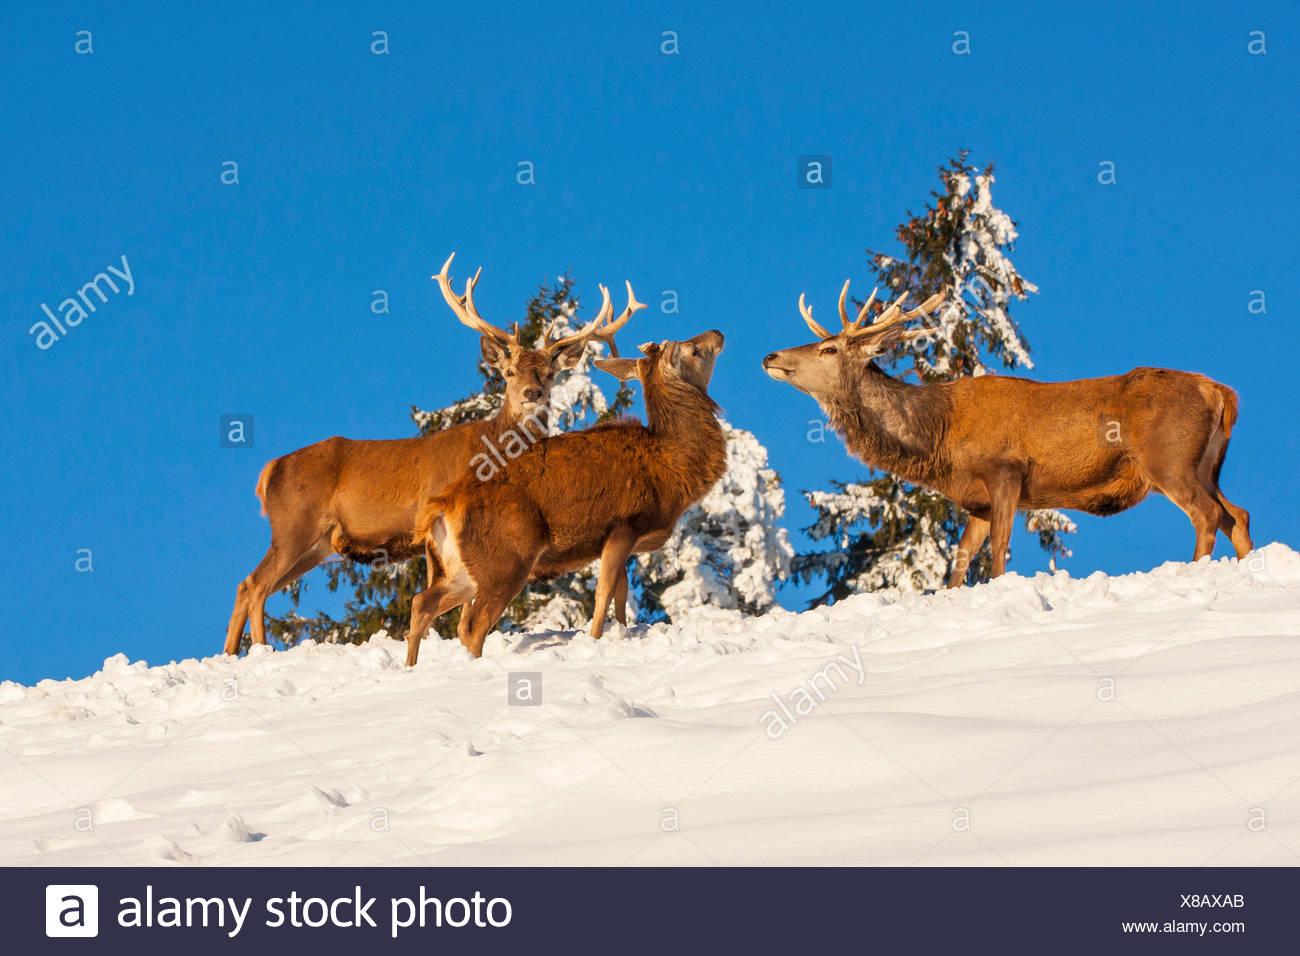 red deer (Cervus elaphus), three red deers in snowy landscape, Switzerland, Sankt Gallen - Stock Image